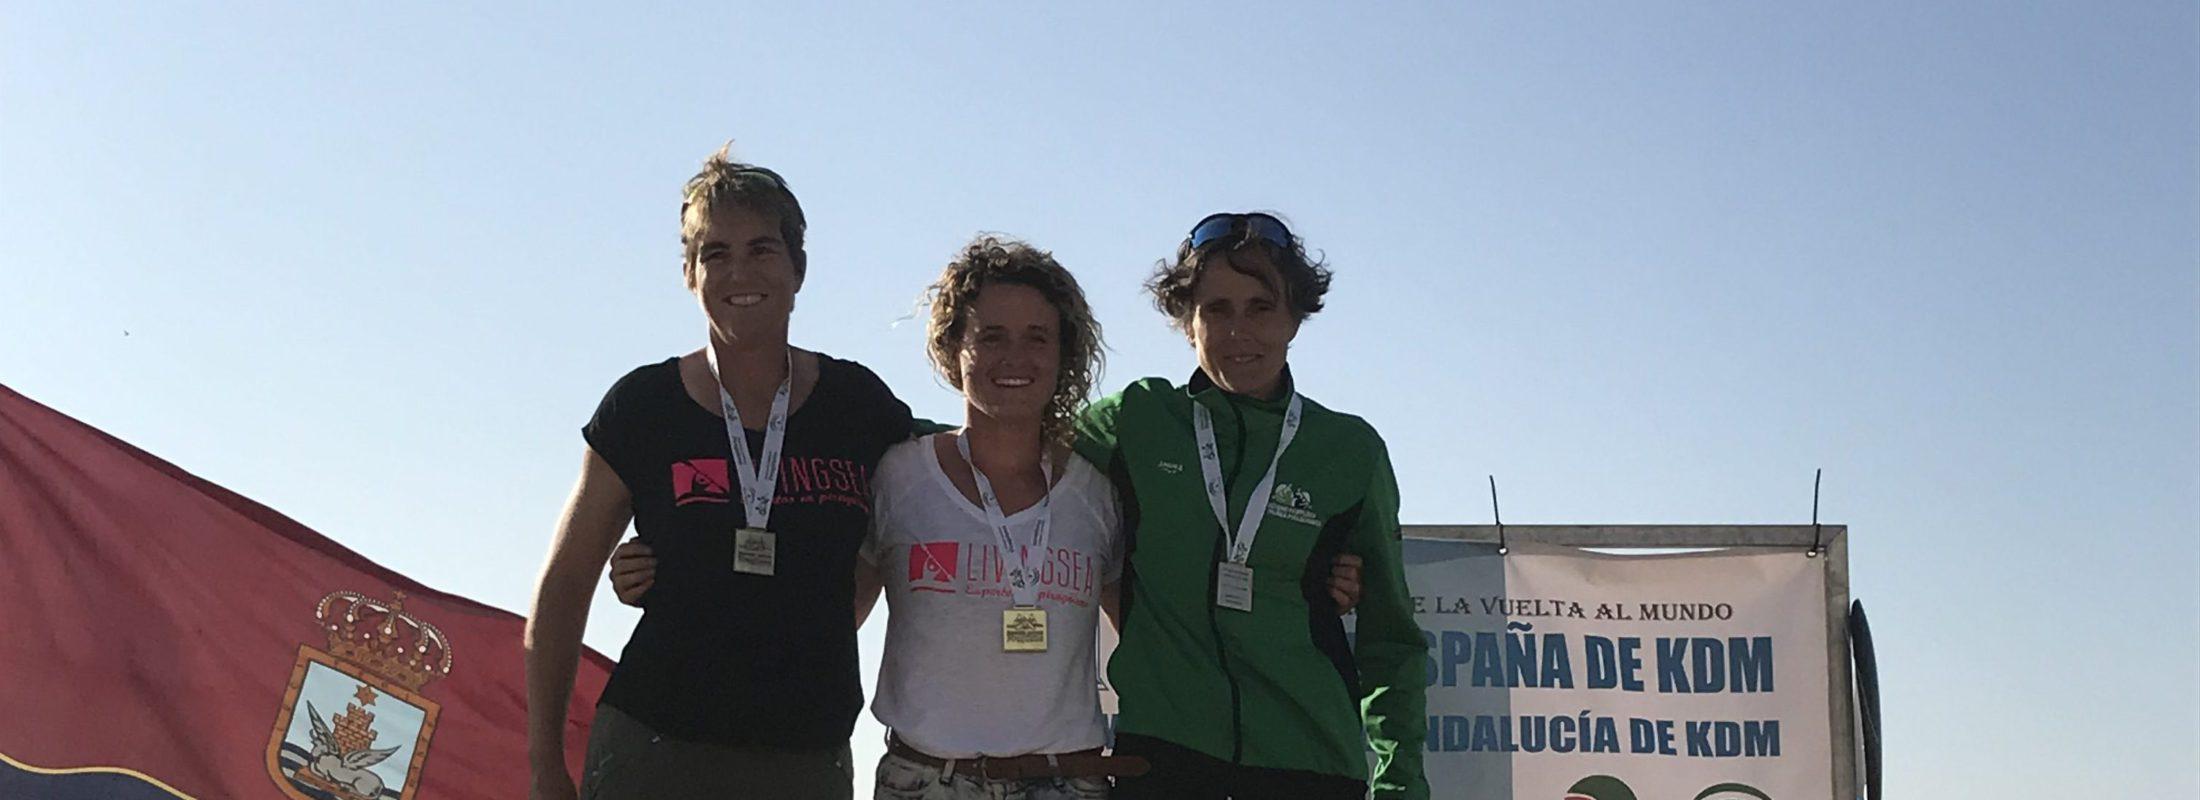 Amaia Osaba Olaberri  3ª en la Copa de España de Kayak de Mar y clasificada para el mundial